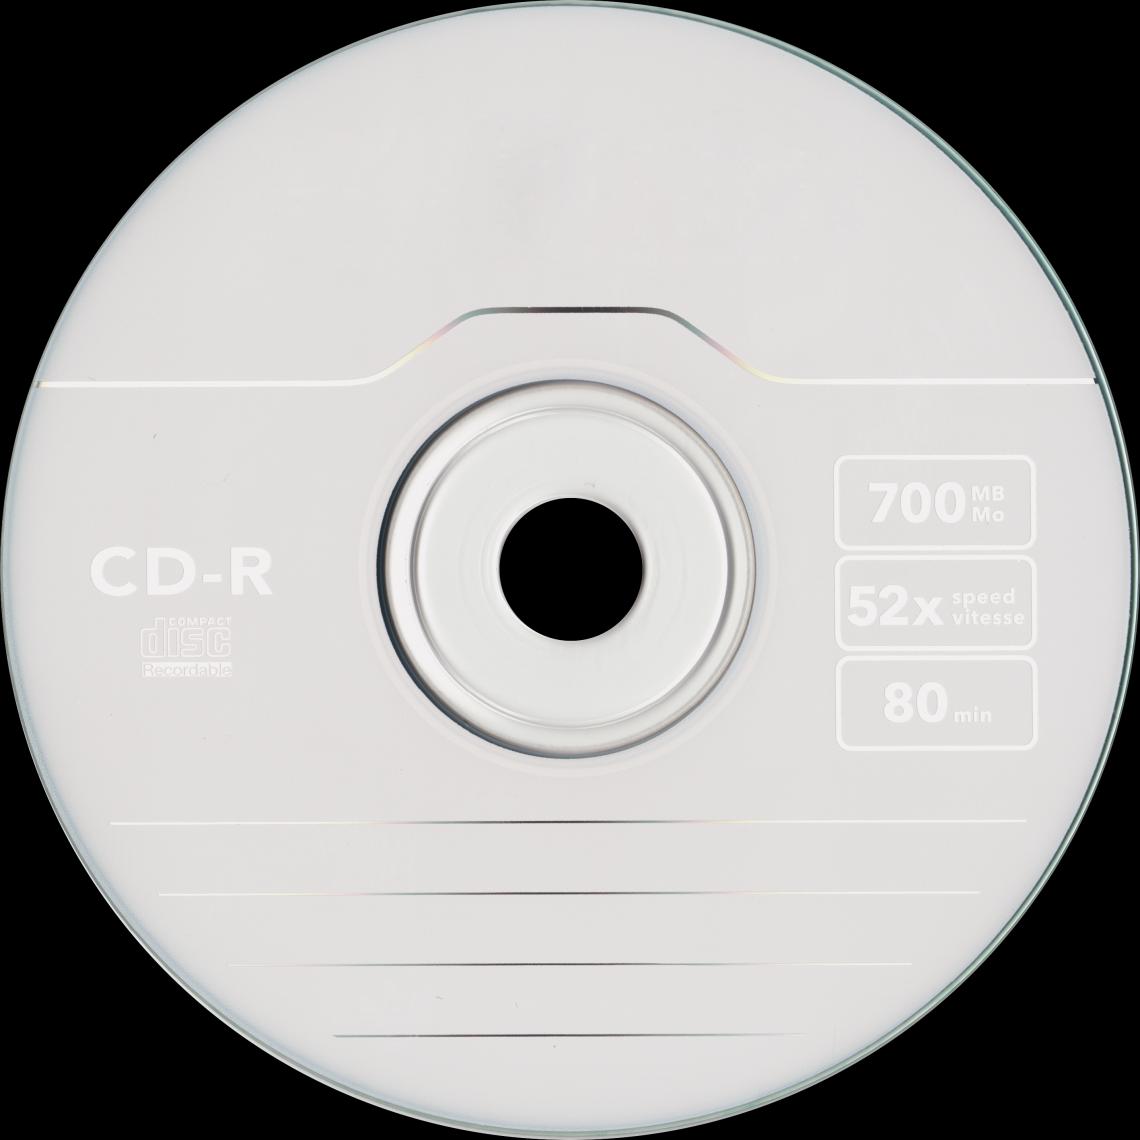 ComputerMisc0014